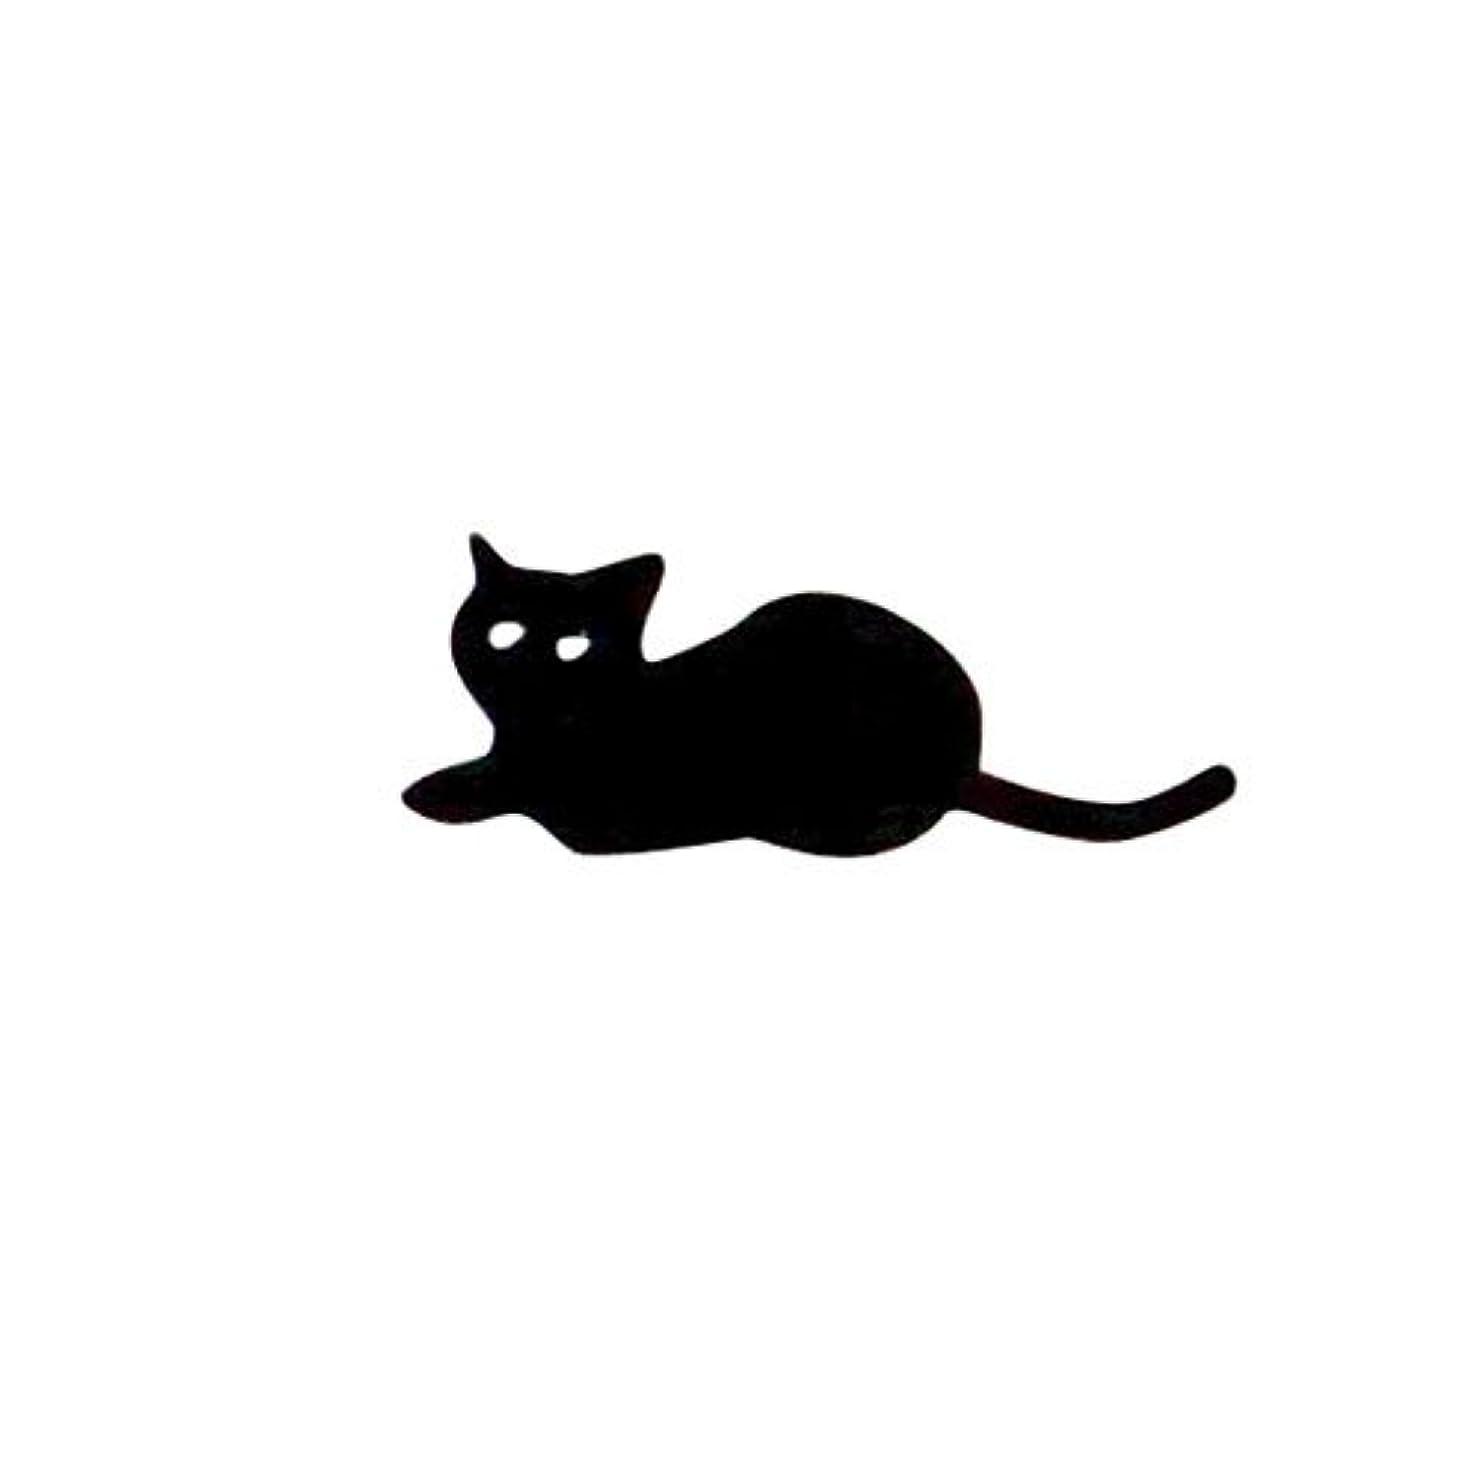 腐敗した統計的船外リトルプリティー ネイルアートパーツ 猫5 ブラック 10個